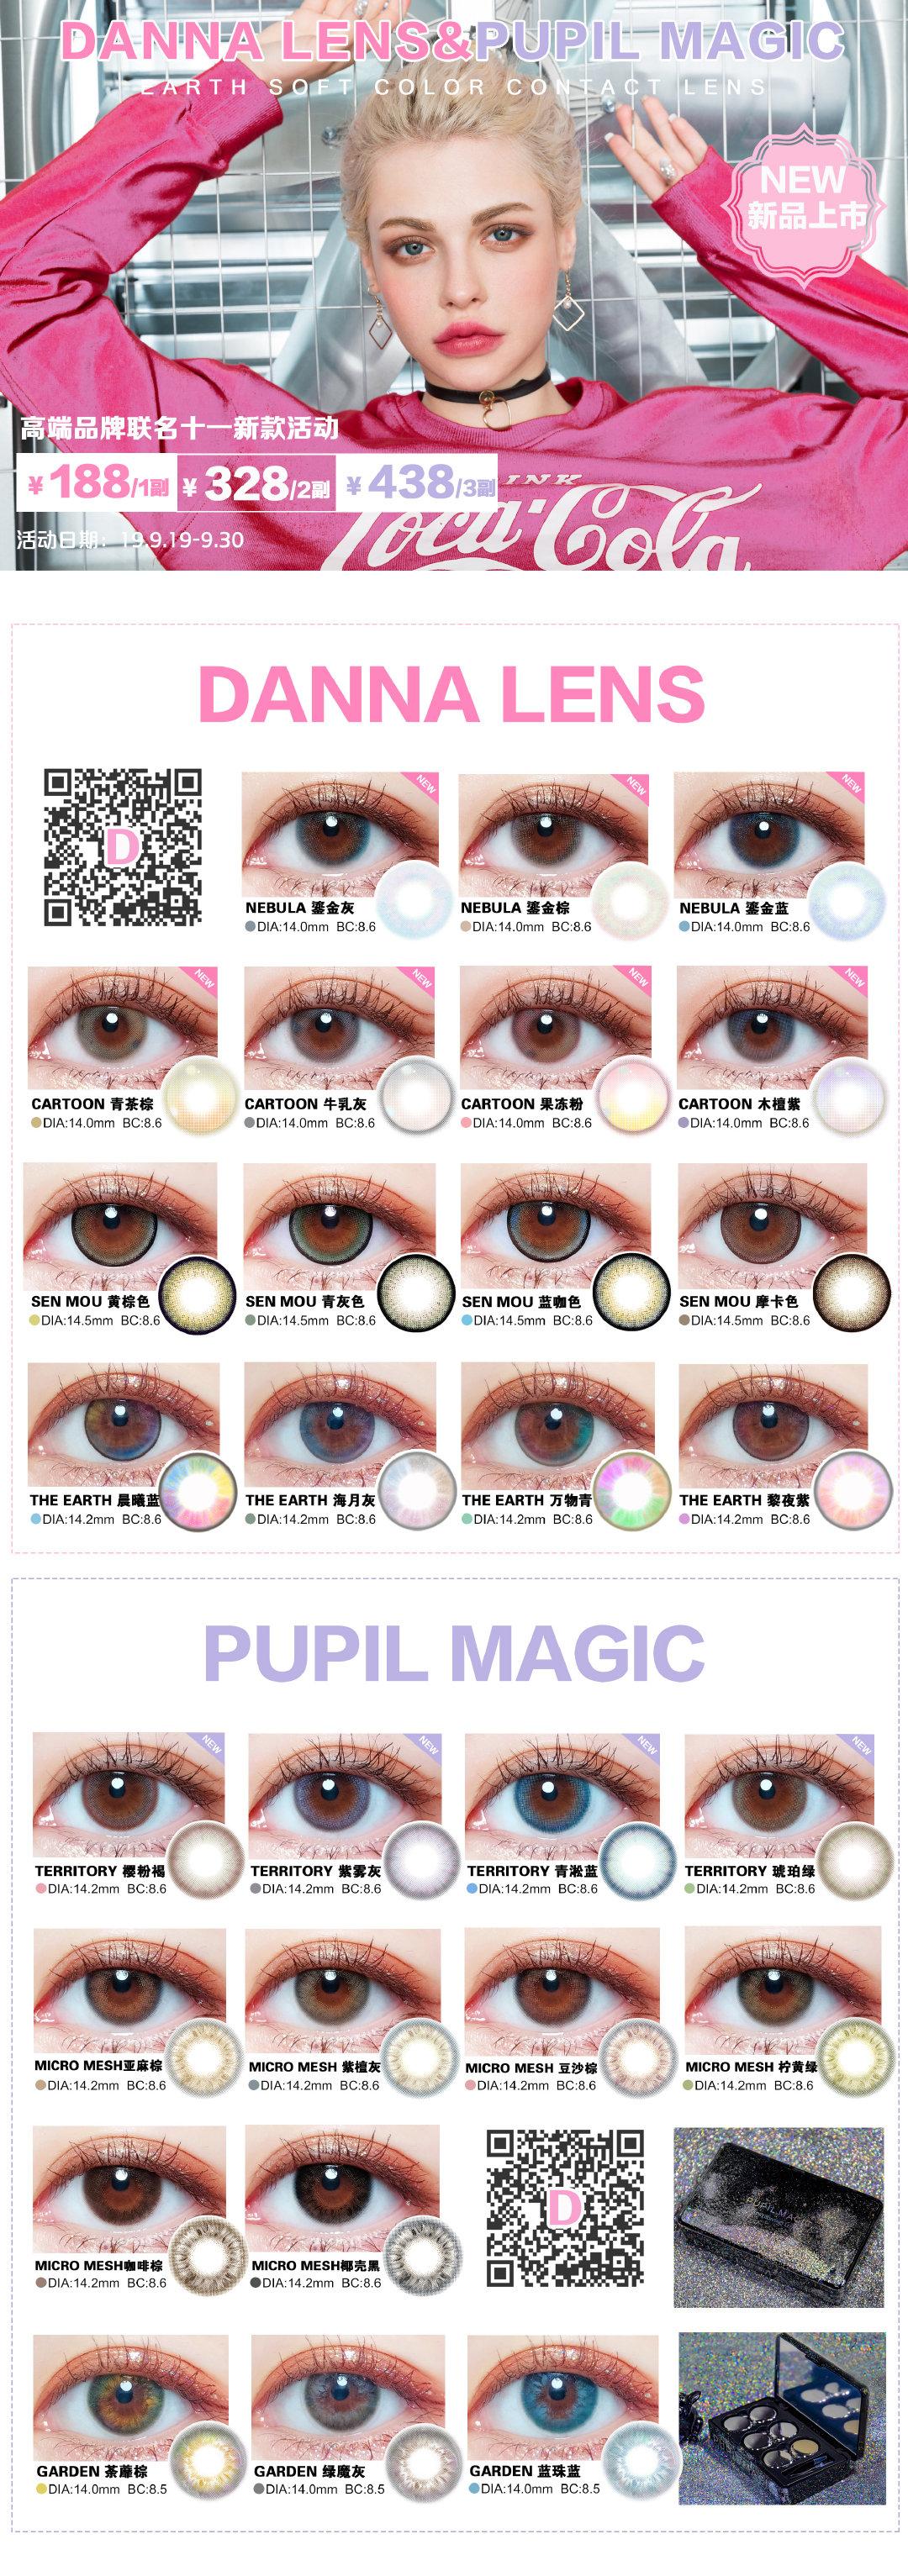 DANNA LENS丹娜官网/Pupil Magic瞳术官网联名上新促销活动